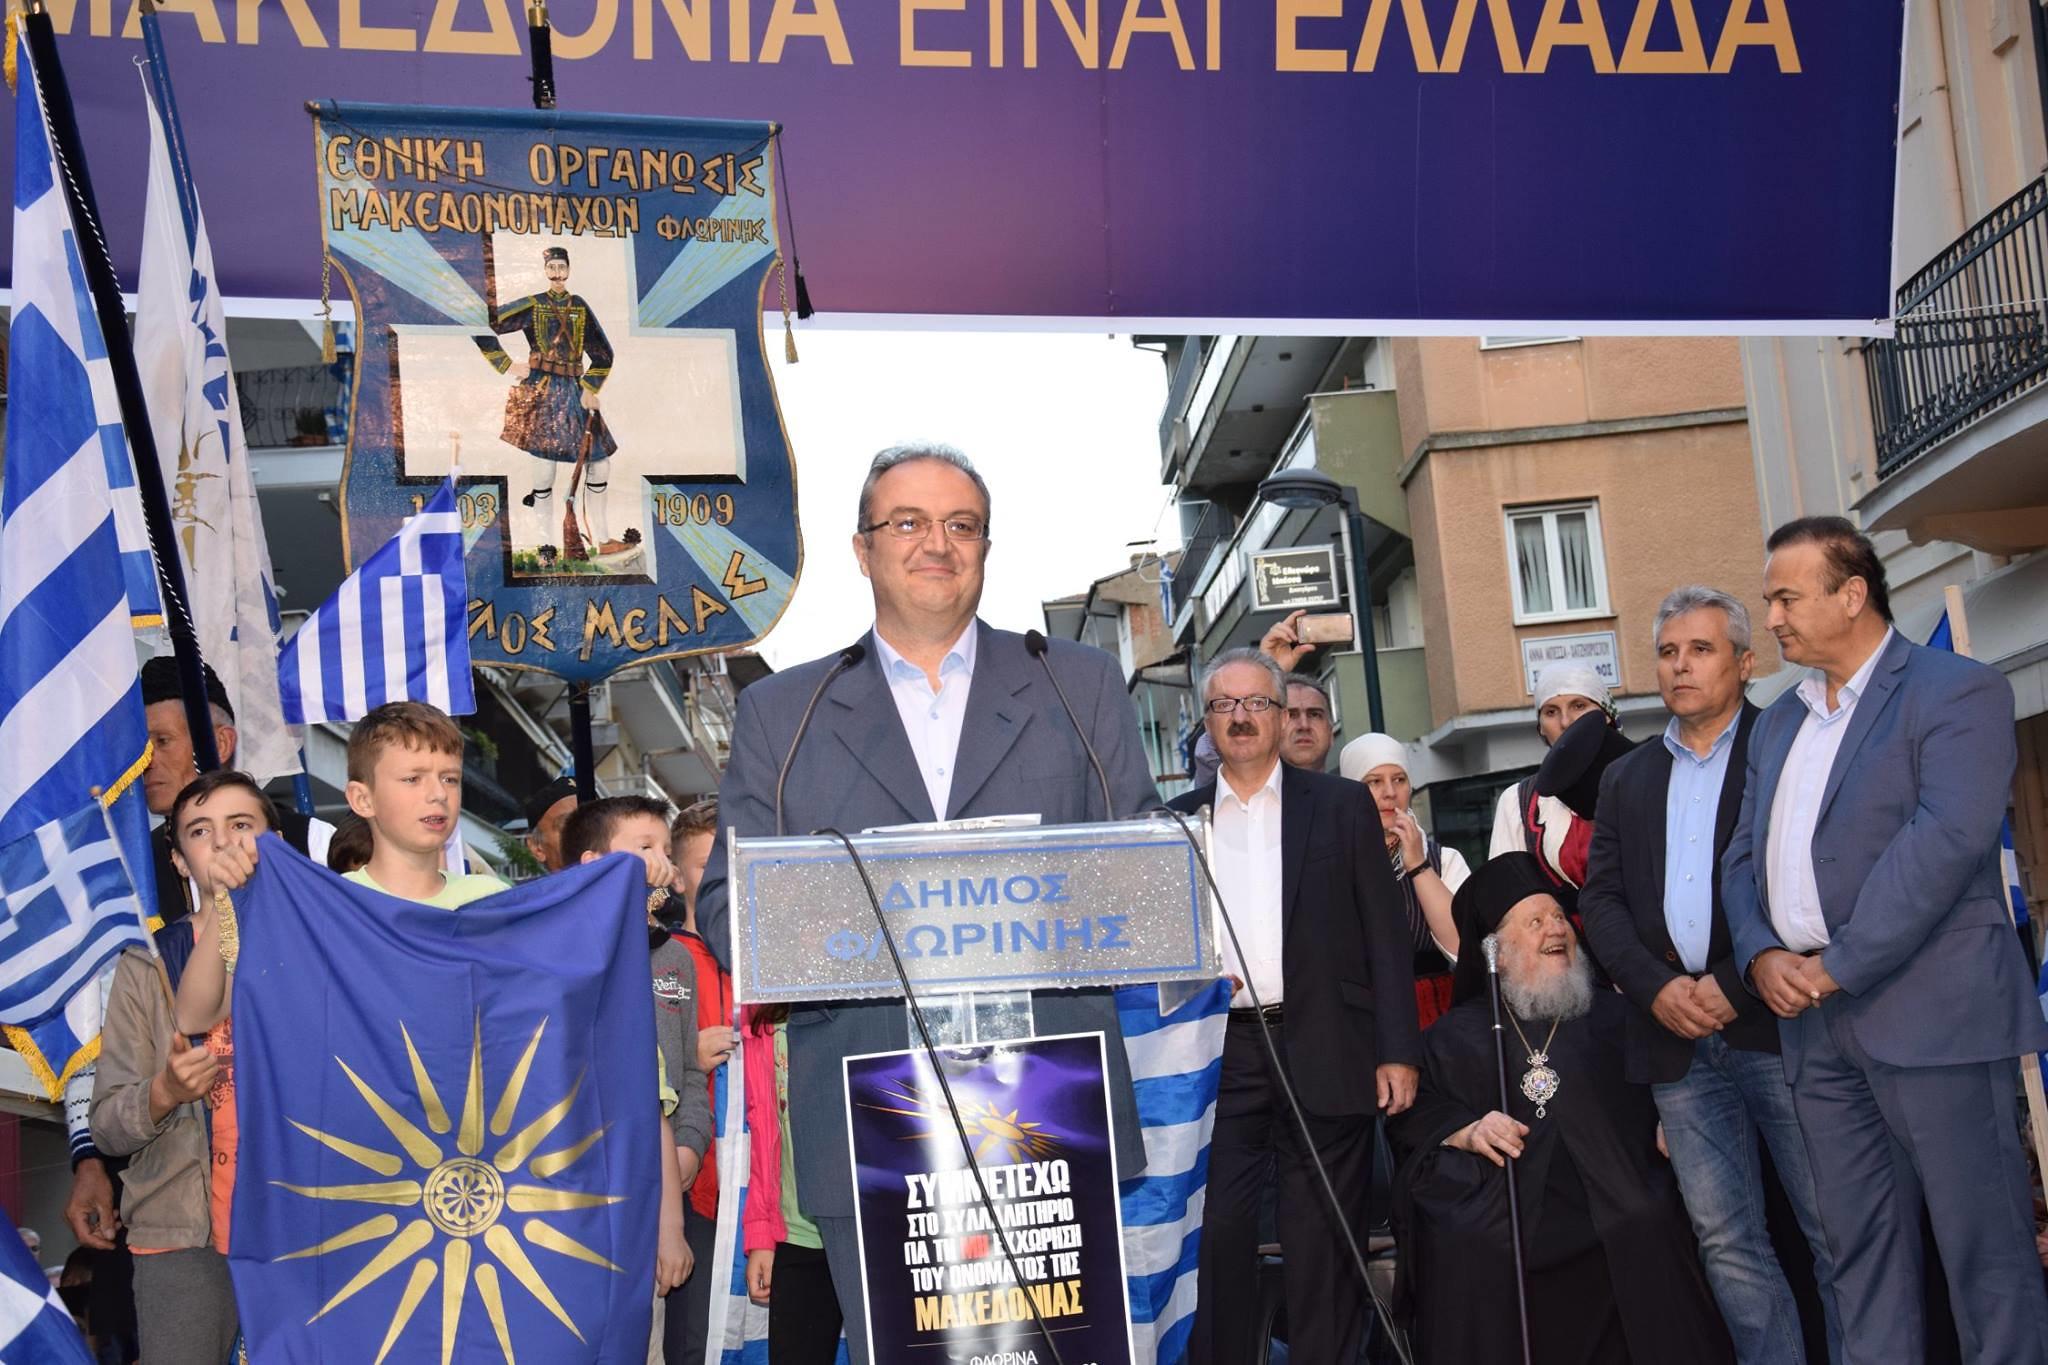 Κεντρική Ομιλία Συλλαλητηρίου της Φλώρινας για την Μακεδονία του προέδρου του ΦΣΦΑ Κωνσταντίνου Ραπτόπουλου – Χατζηστεφάνου  06/06/2018